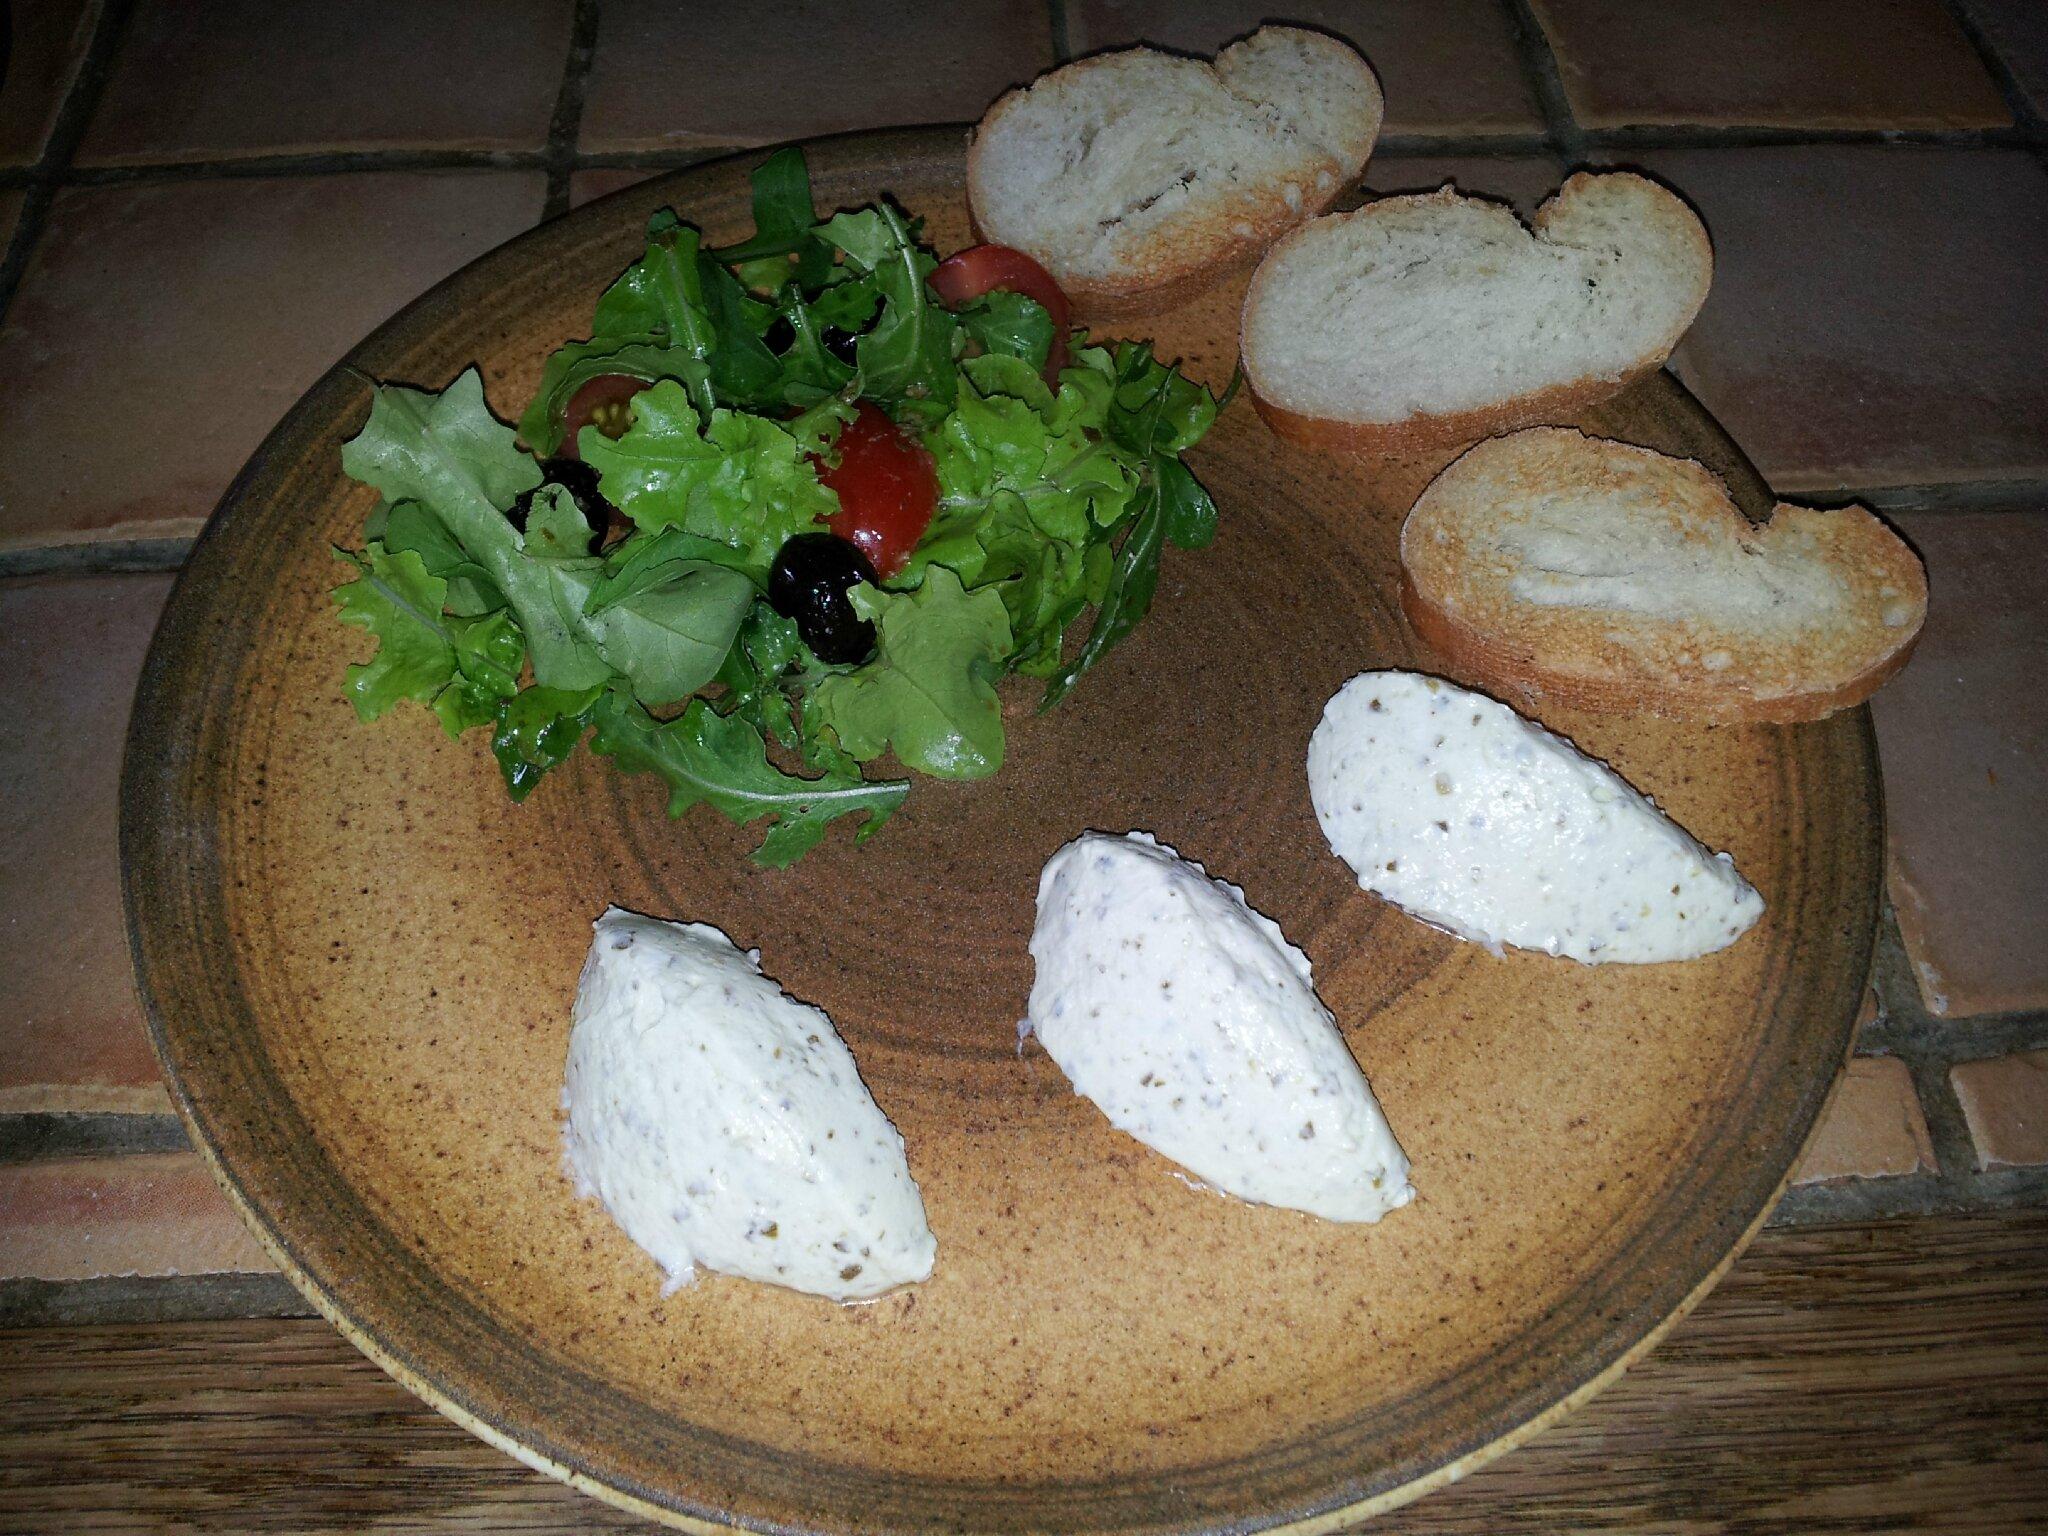 Quenelles de chèvre frais au pesto, salade et pain grillé :